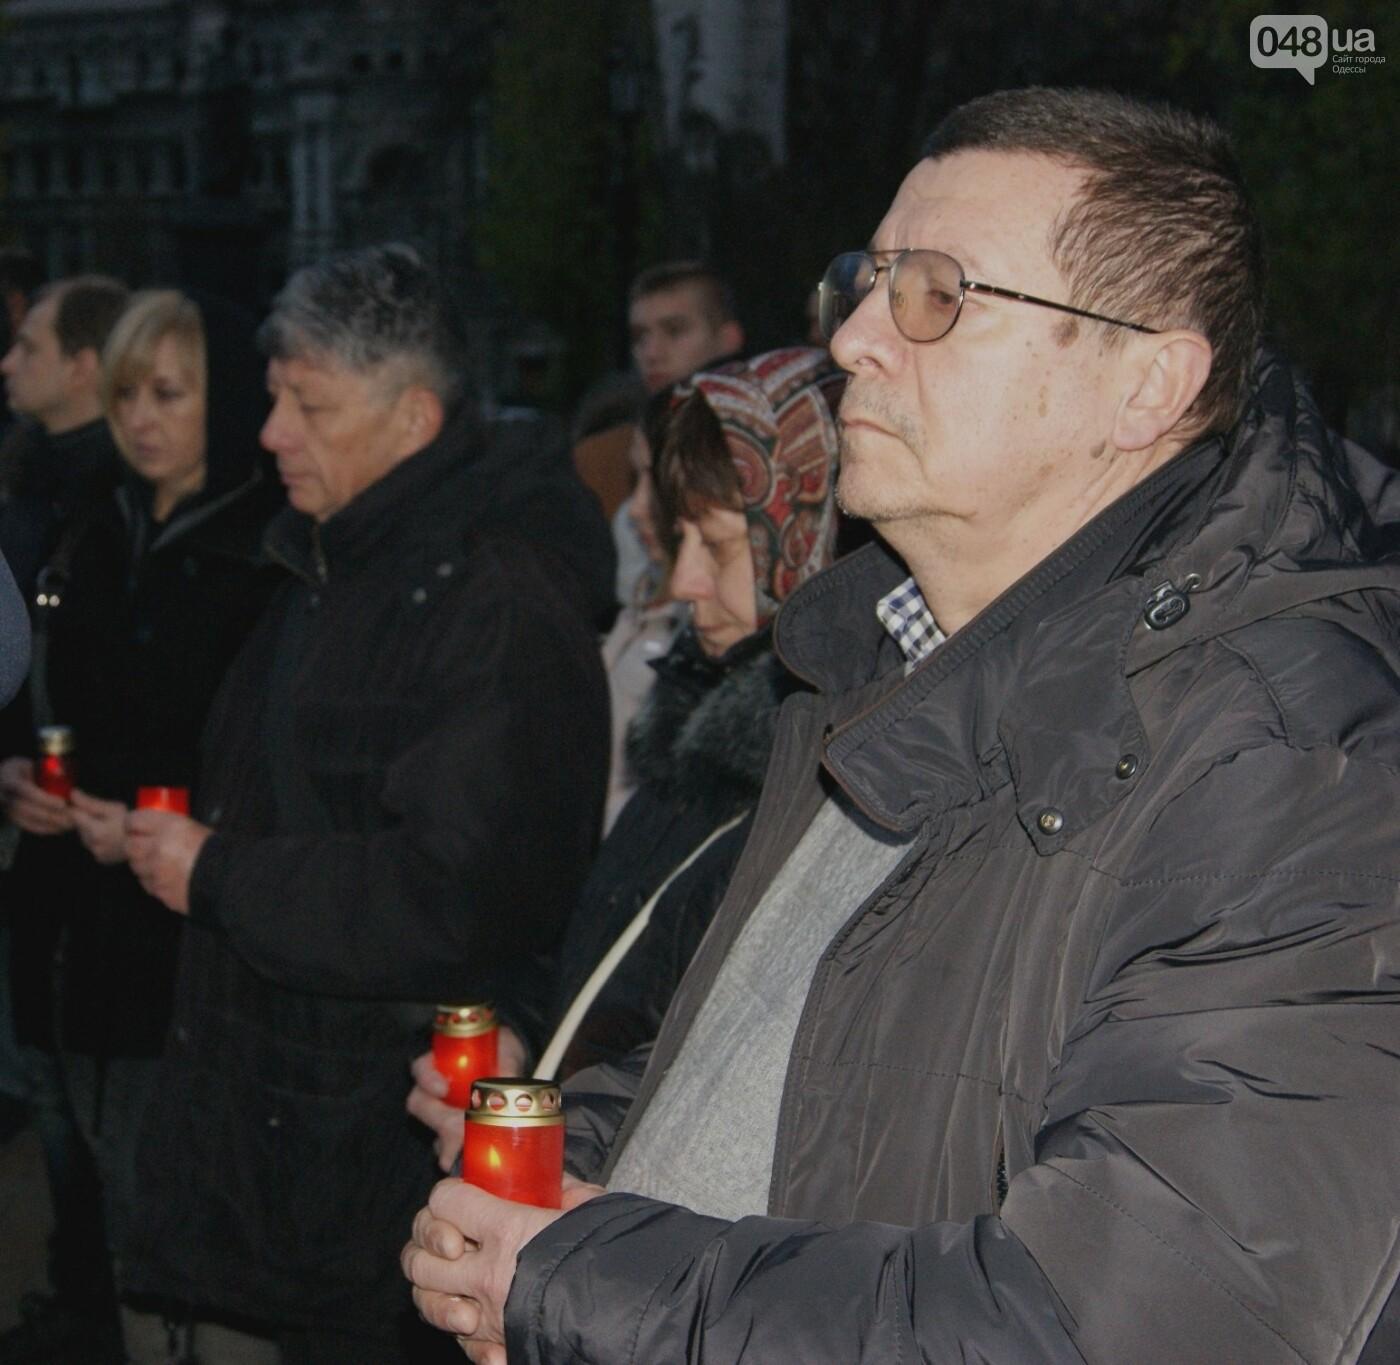 Одесситы провели трогательную акцию (ФОТО, ВИДЕО), фото-1